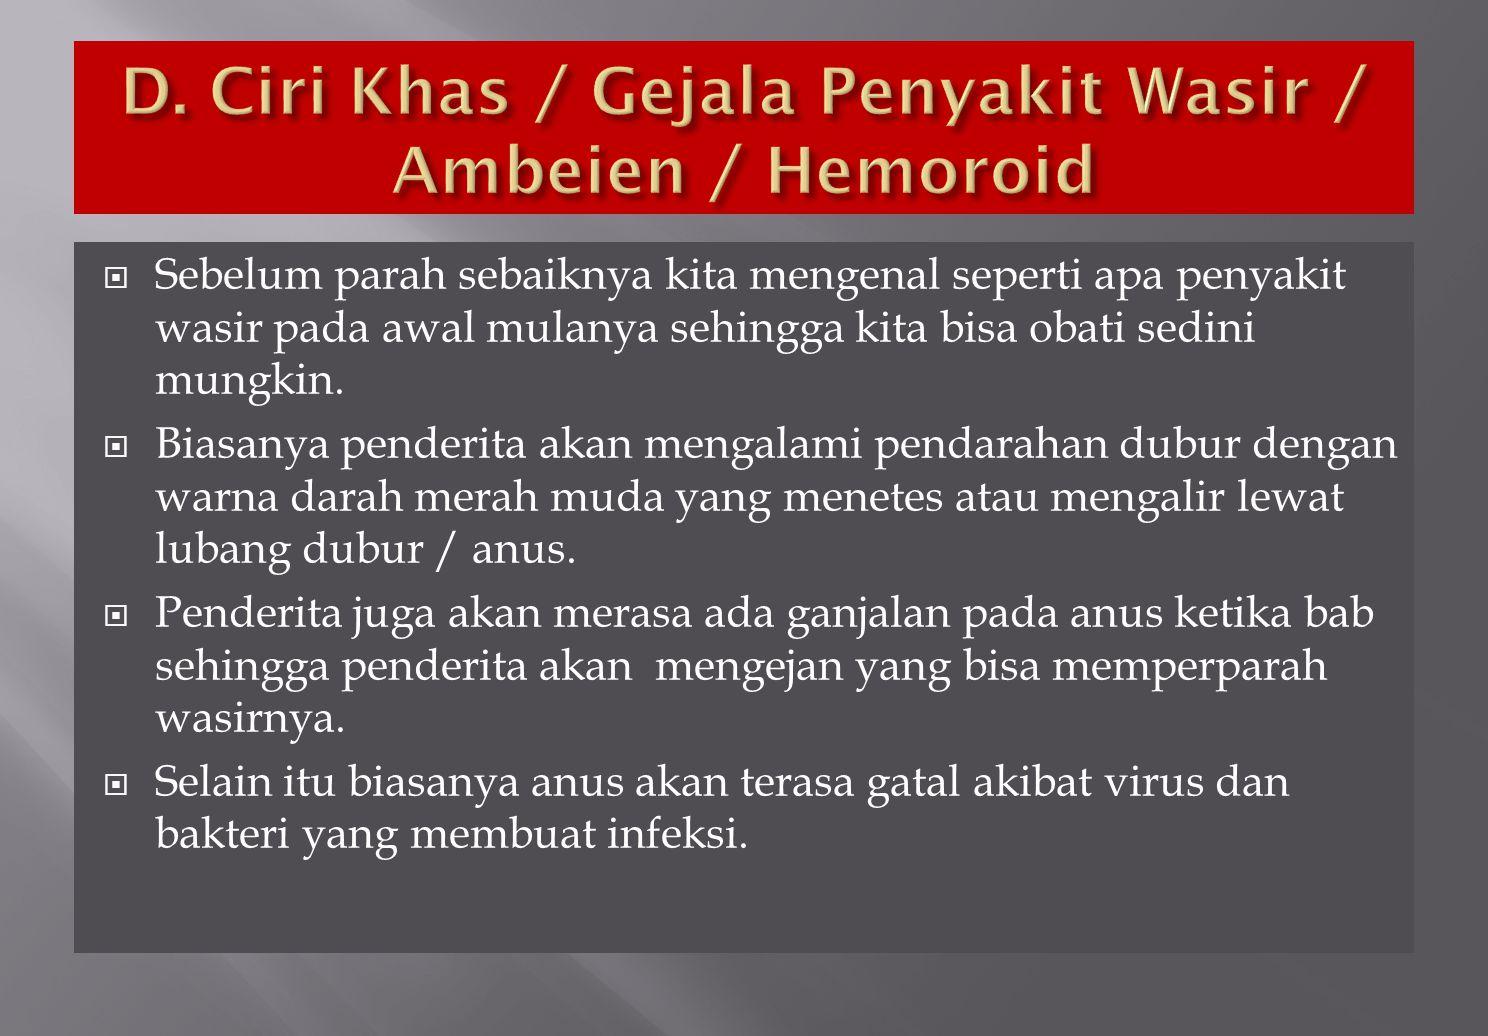 D. Ciri Khas / Gejala Penyakit Wasir / Ambeien / Hemoroid